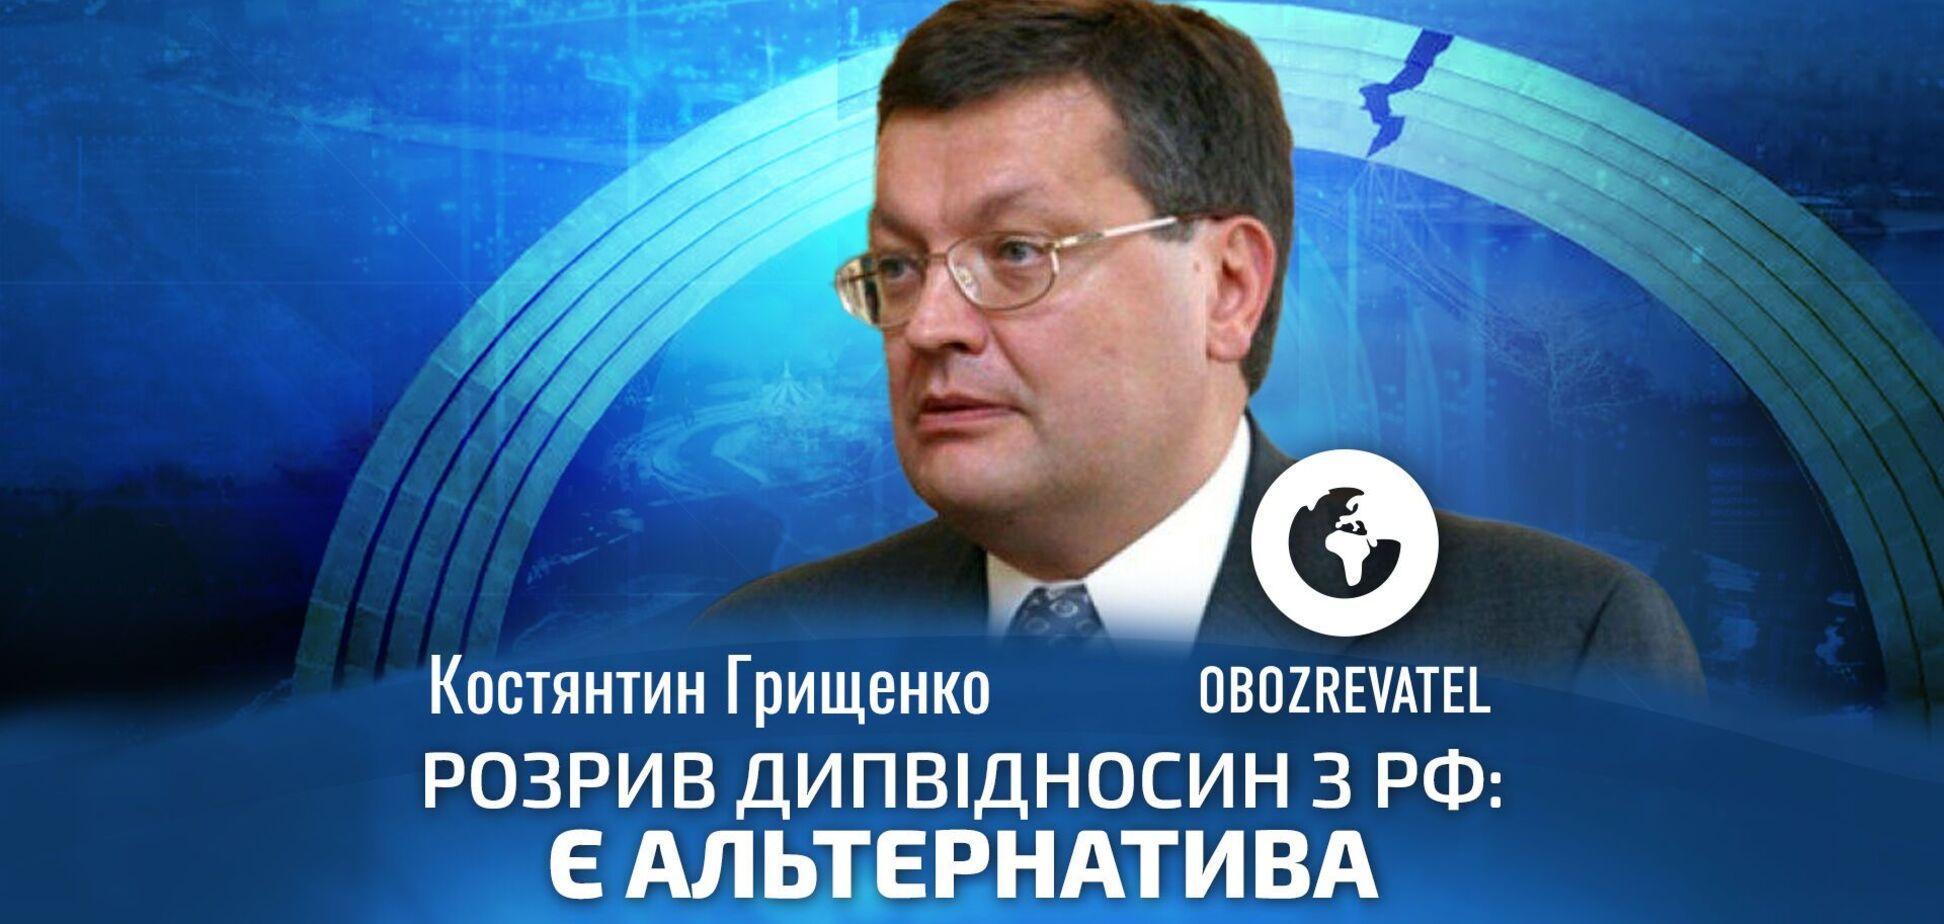 Грищенко: разрыву дипотношений с РФ есть альтернатива